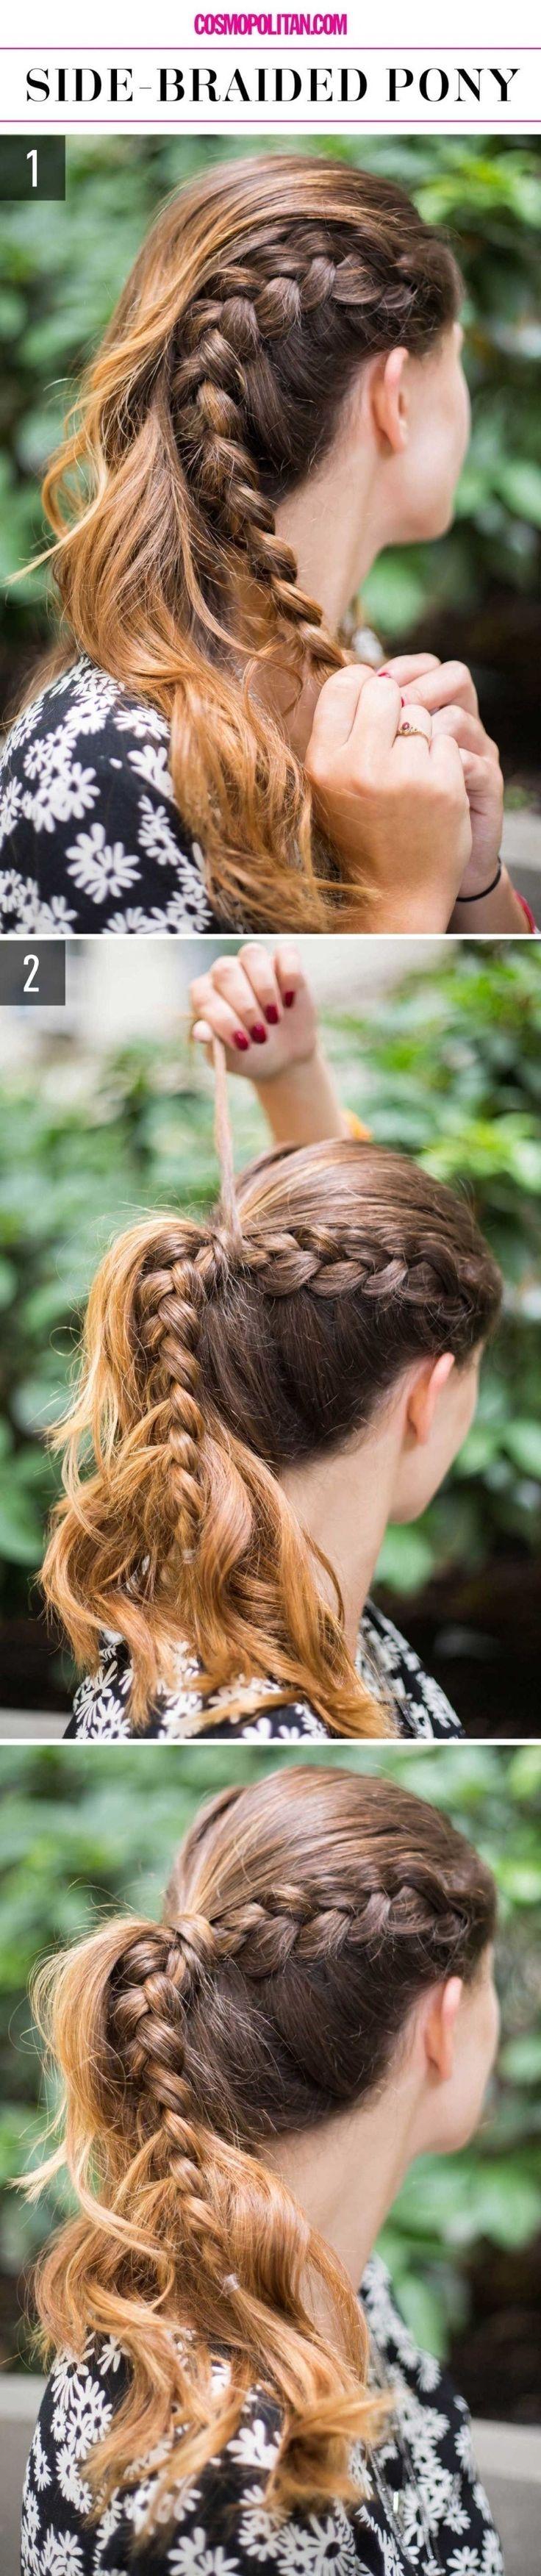 jolis-coiffures-express-pour-cheveux-mi-longs-9